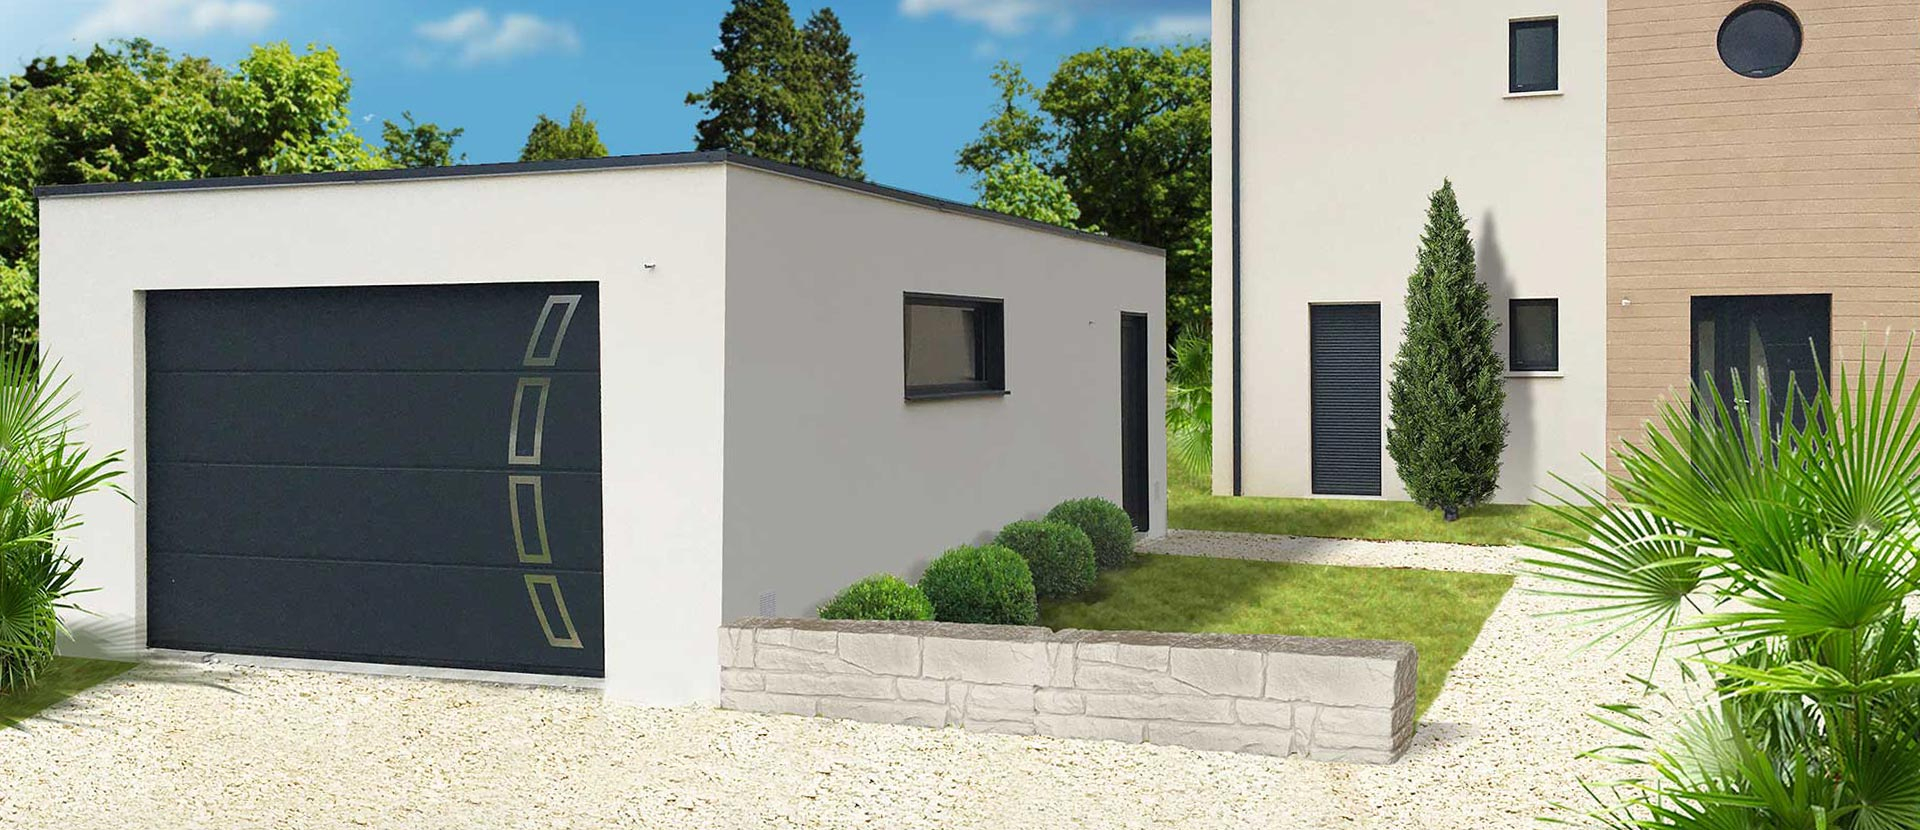 Garage Et Construction Modulaire Béton Et Béton Aspect Bois encequiconcerne Abri De Jardin Prefabrique En Beton